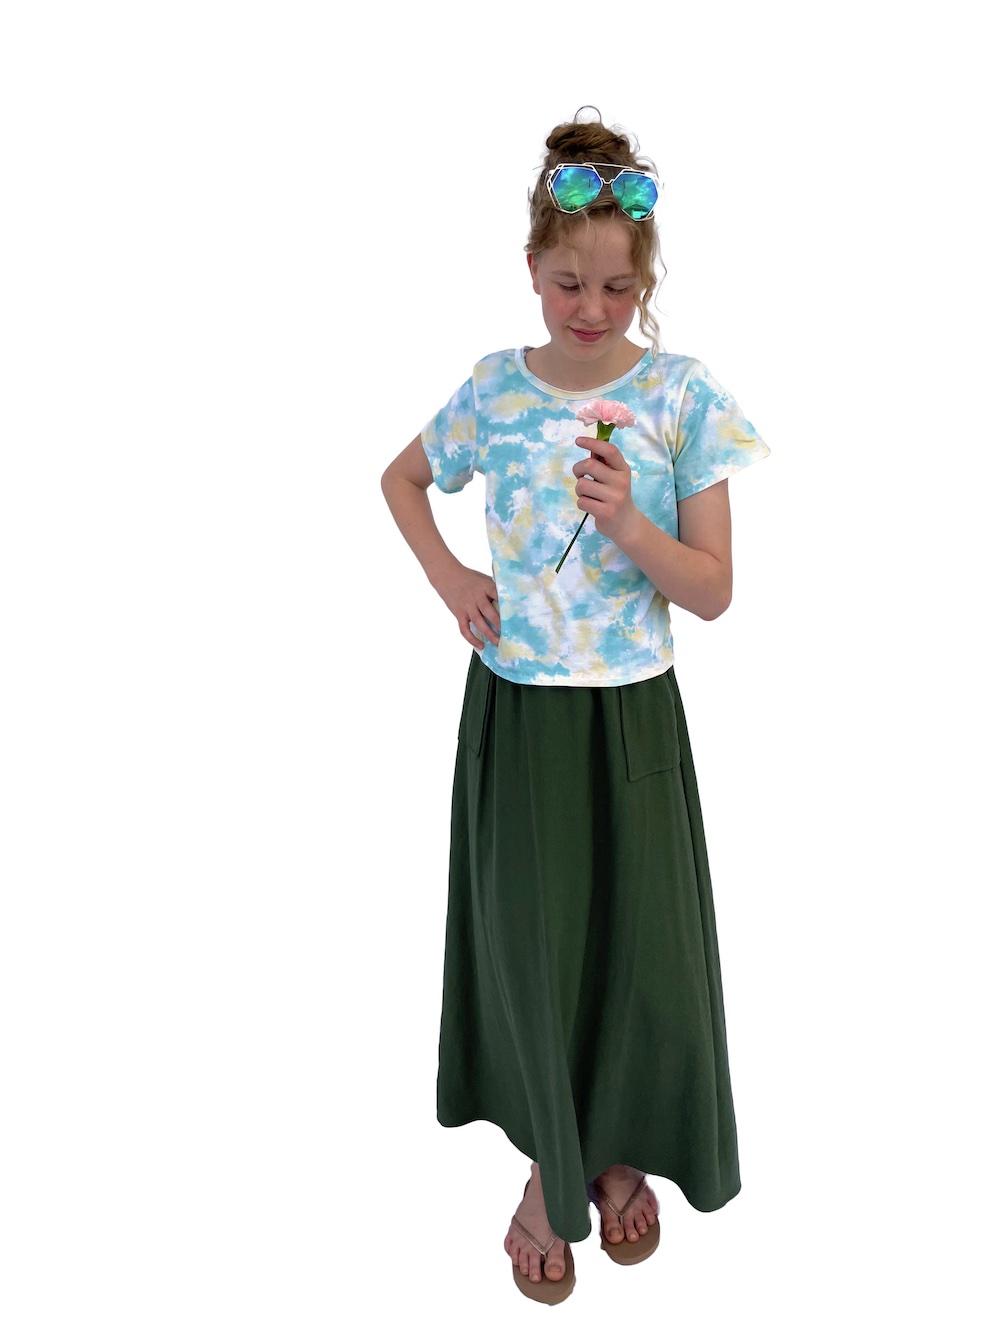 Bacio Basic Tee sewn and reviewed by Skirt Fixation